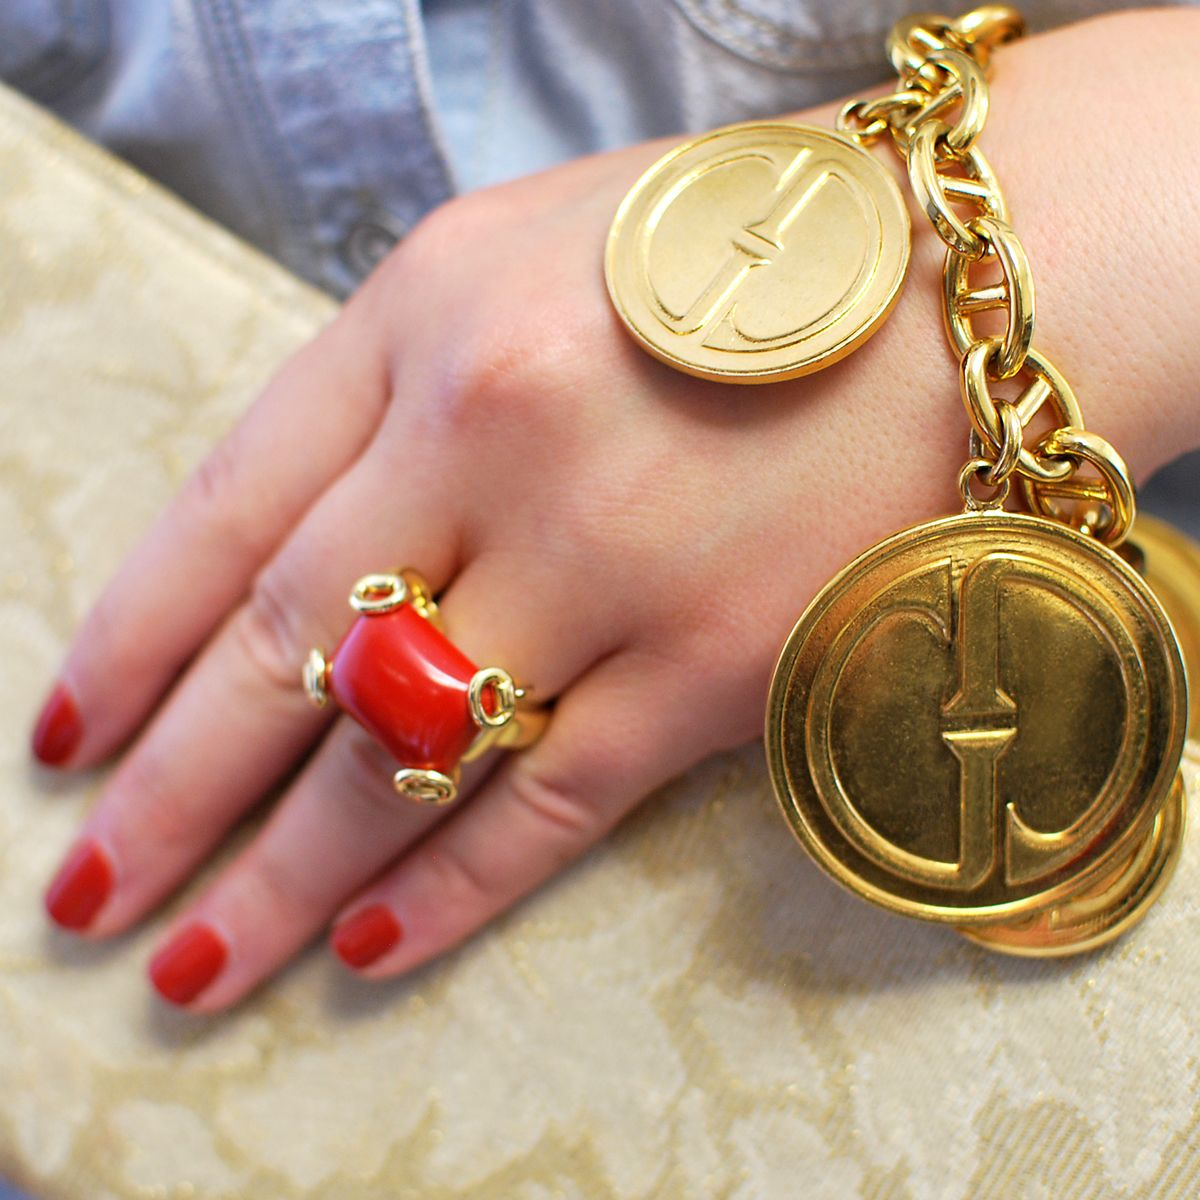 Gucci k gold bit ring u gold charm bracelet cleo walker fine